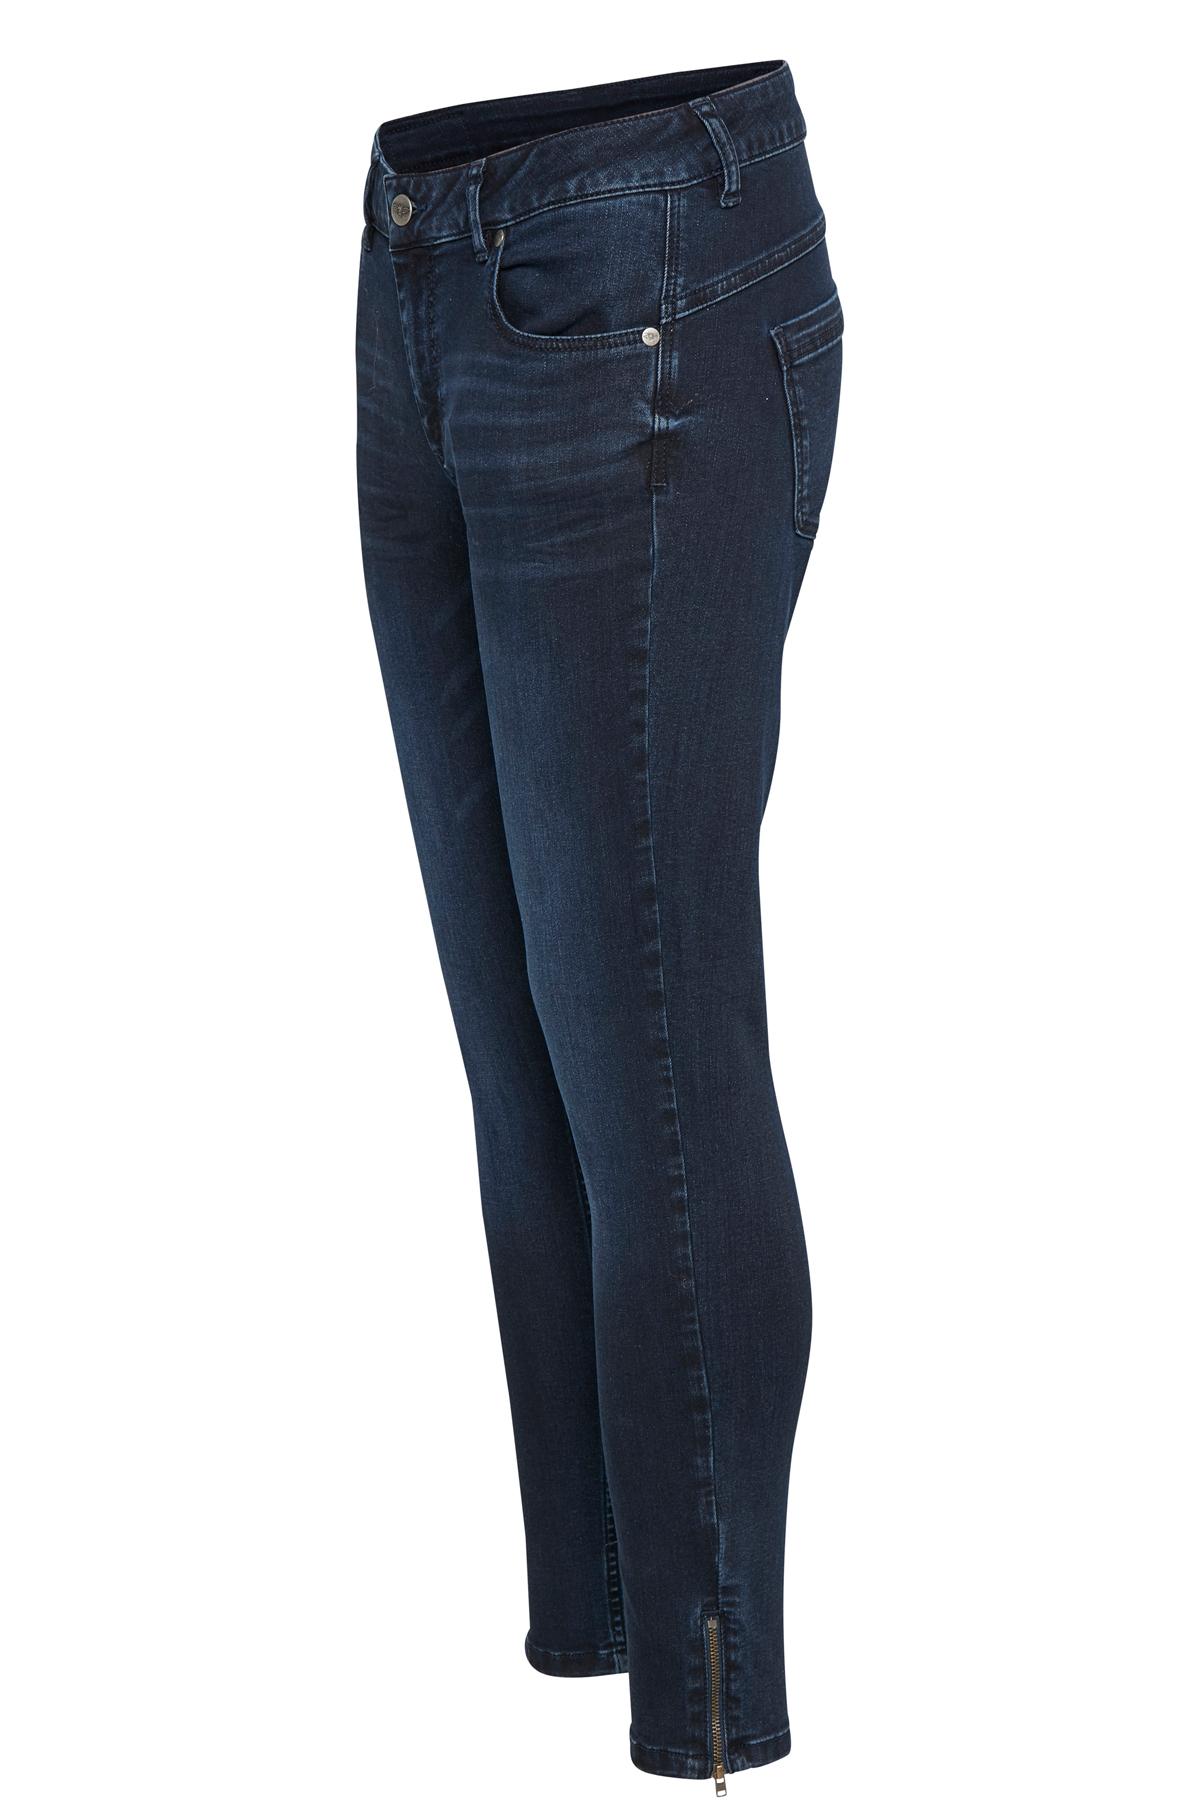 Mørk denimblå Jeans fra Denim Hunter – Køb Mørk denimblå Jeans fra str. 24-35 her